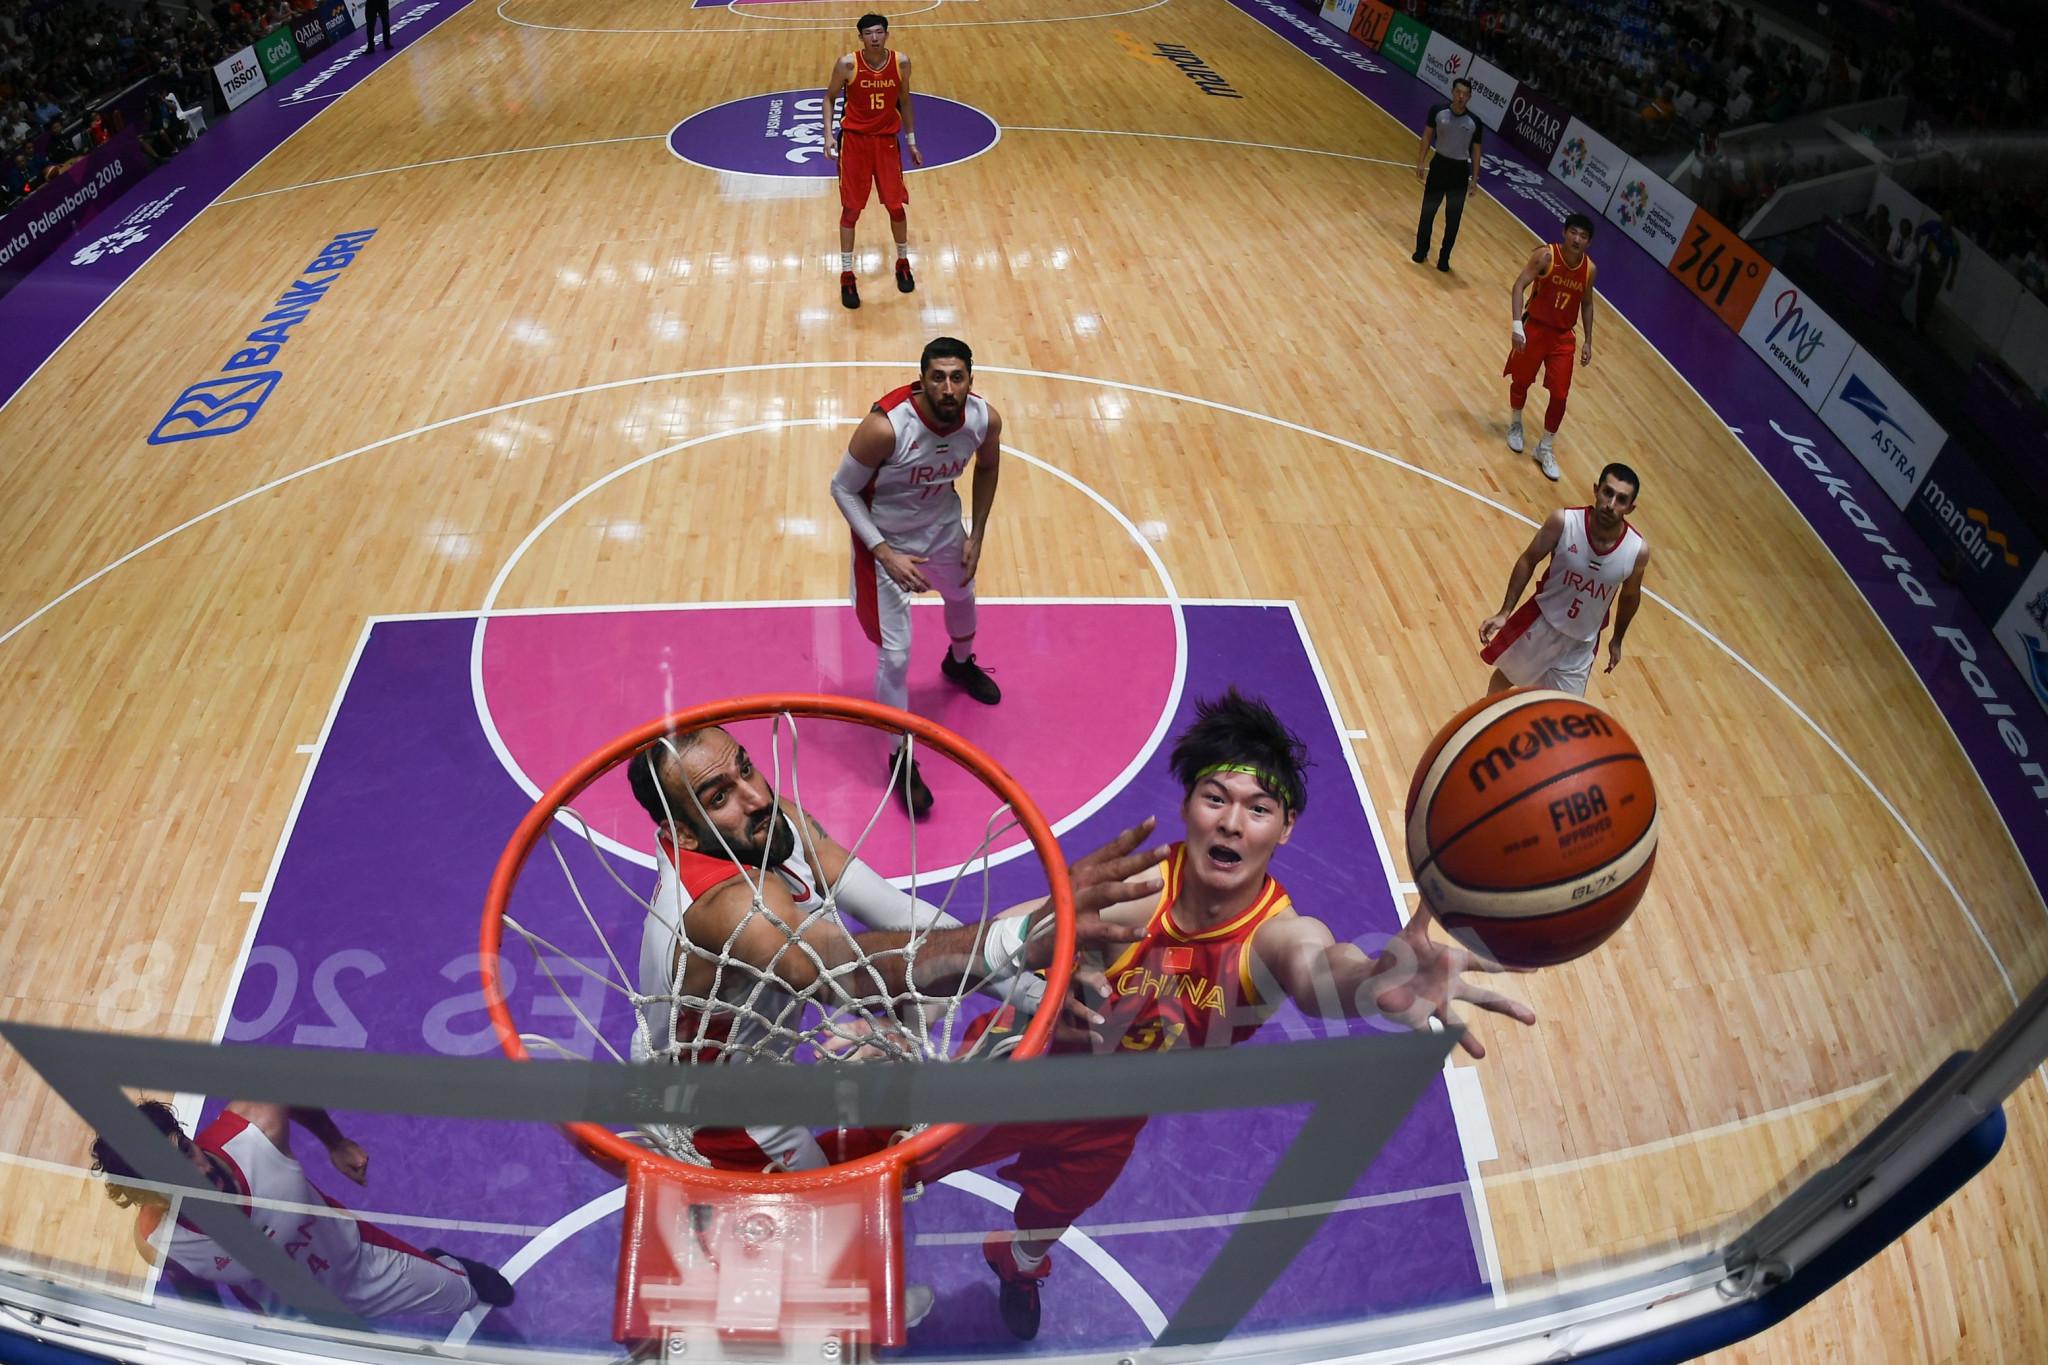 Bola basket menjadi salah satu cabang olahraga yang dimainkan saat Jakarta menjadi tuan rumah Asian Games 2018 © Getty Images